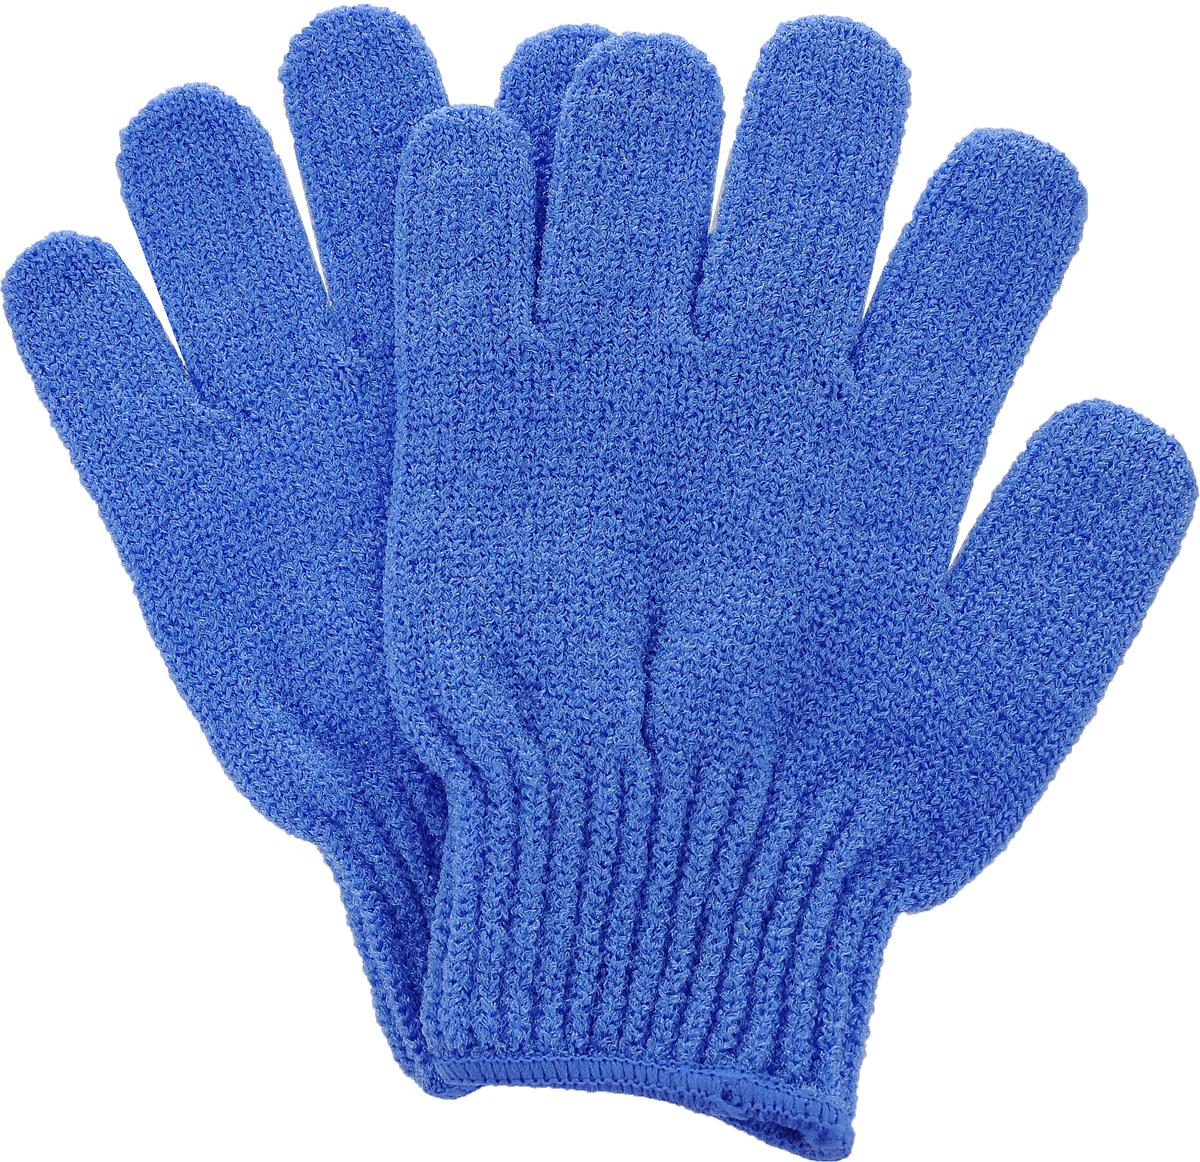 Перчатки для пилинга Riffi, цвет: синий615_синийЭластичные безразмерные перчатки Riffi обладают активным антицеллюлитным эффектом и отличным пилинговым действием, тонизируя, массируя и эффективно очищая вашу кожу.Перчатки Riffi освобождает кожу от отмерших клеток, стимулирует регенерацию. Эффективно предупреждают образование целлюлита и обеспечивают омолаживающий эффект. Кожа становится гладкой, упругой и лучше готовой к принятию косметических средств. Интенсивный и пощипывающий свежий массаж тела с применением перчаток Riffi стимулирует кровообращение, активирует кровоснабжение, способствует обмену веществ. В комплекте 1 пара перчаток.